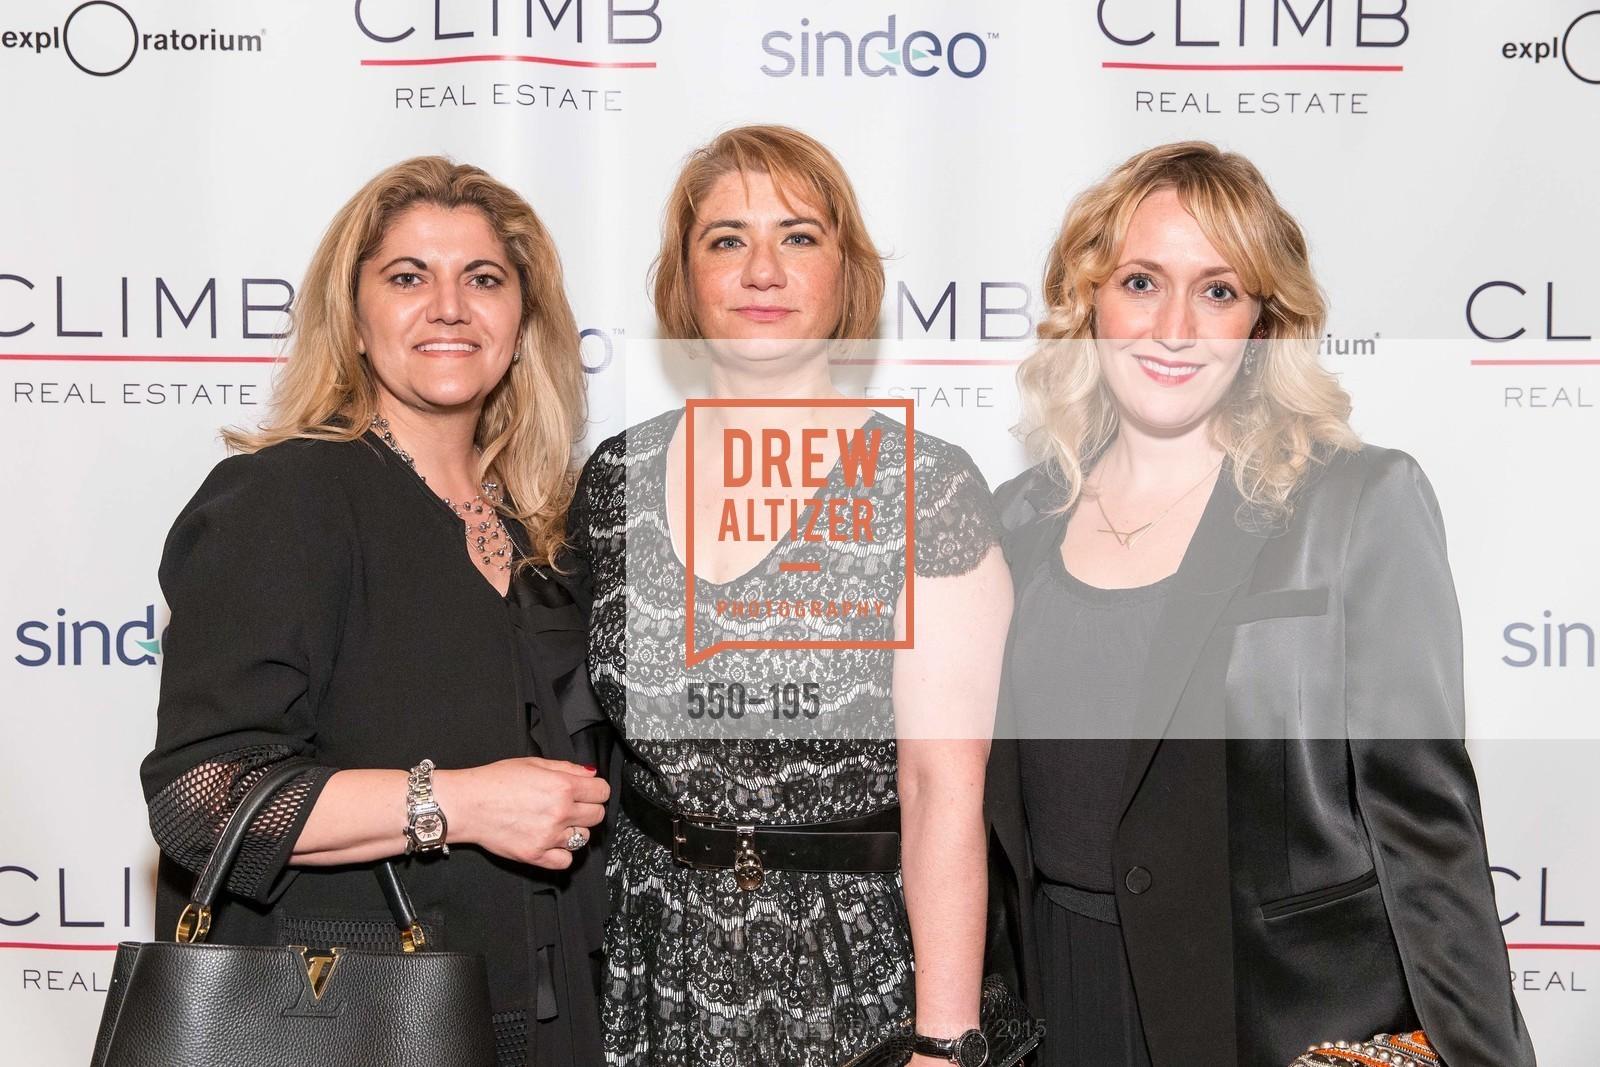 Tanya Dzhibrailova, Ellie Kravets, Danielle Lazier, Photo #550-195